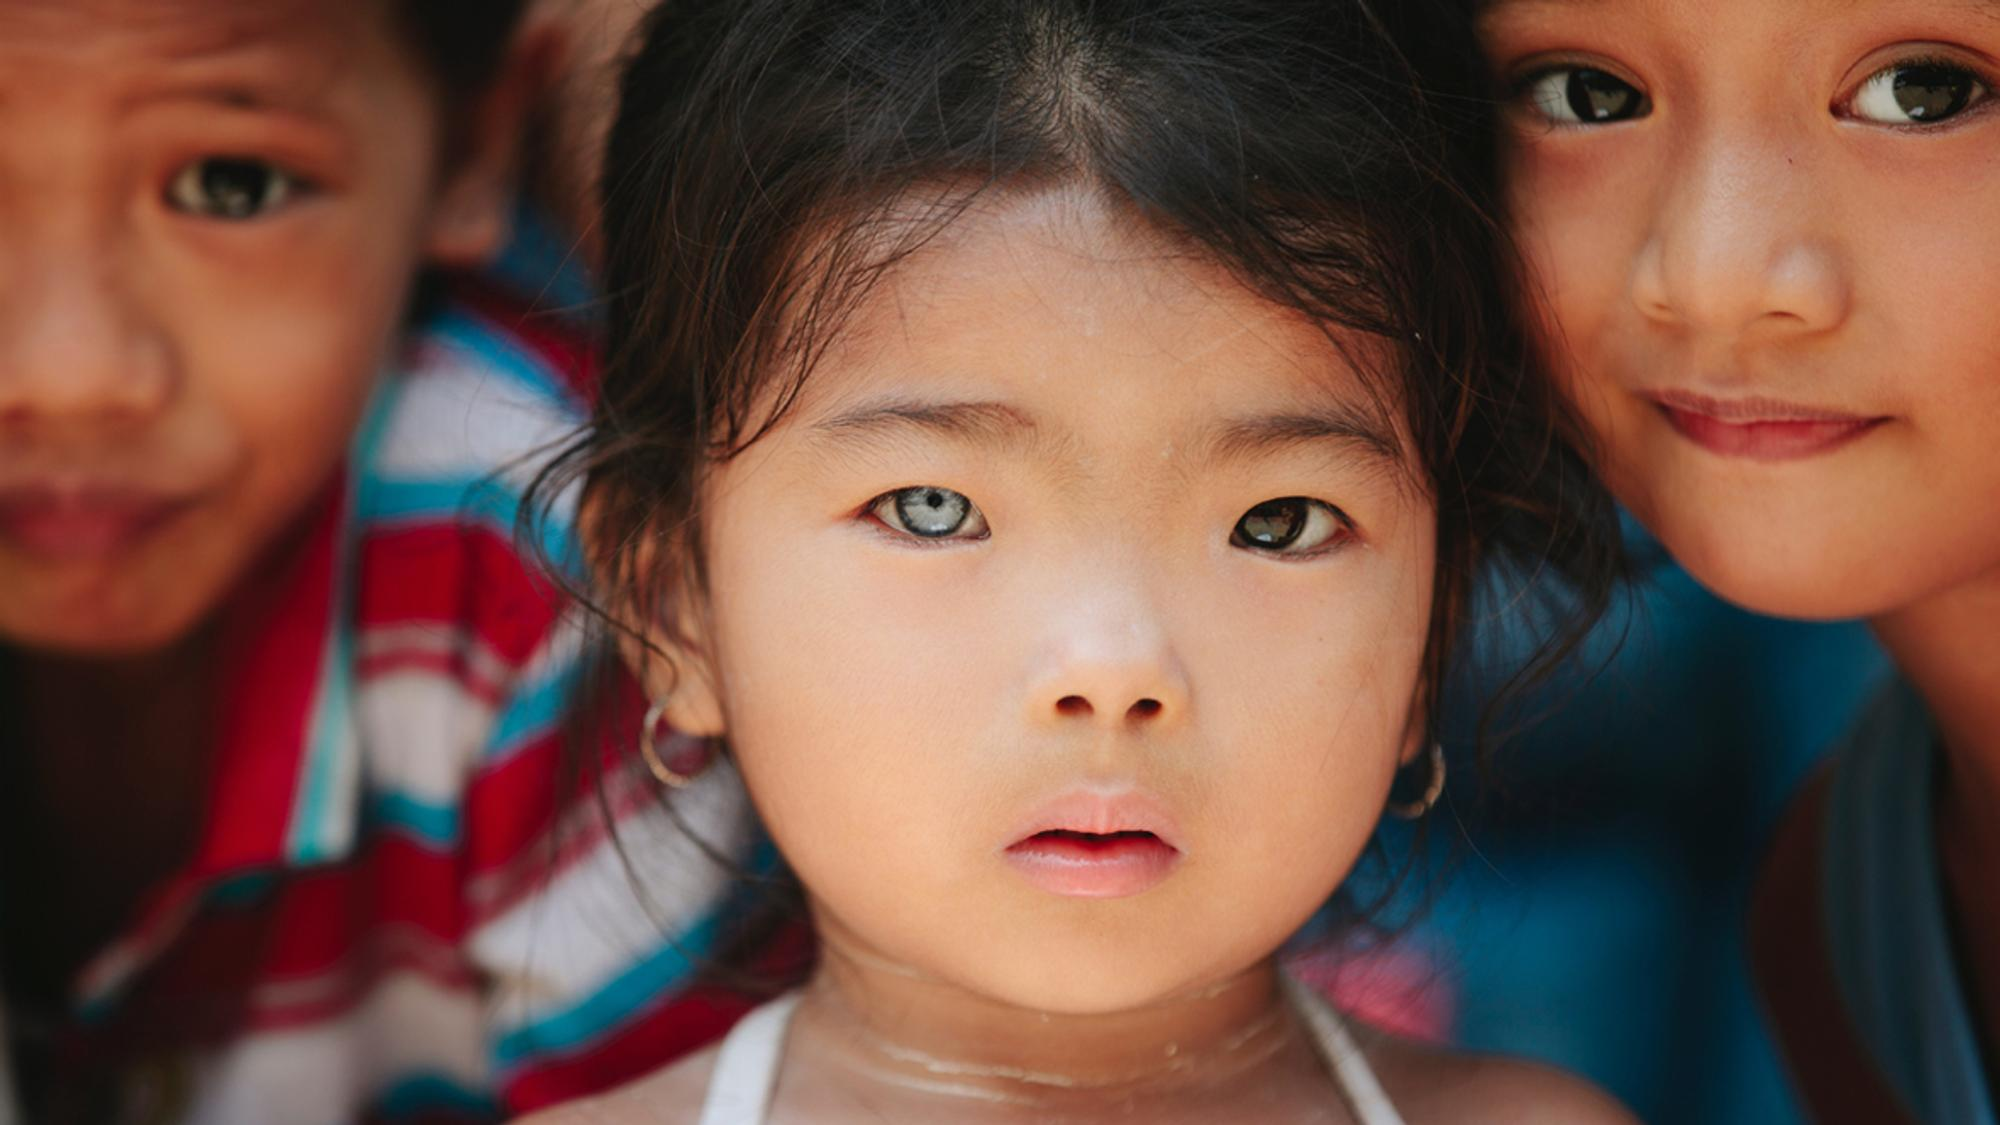 Mädchen mit einer Iris-Heterochromie